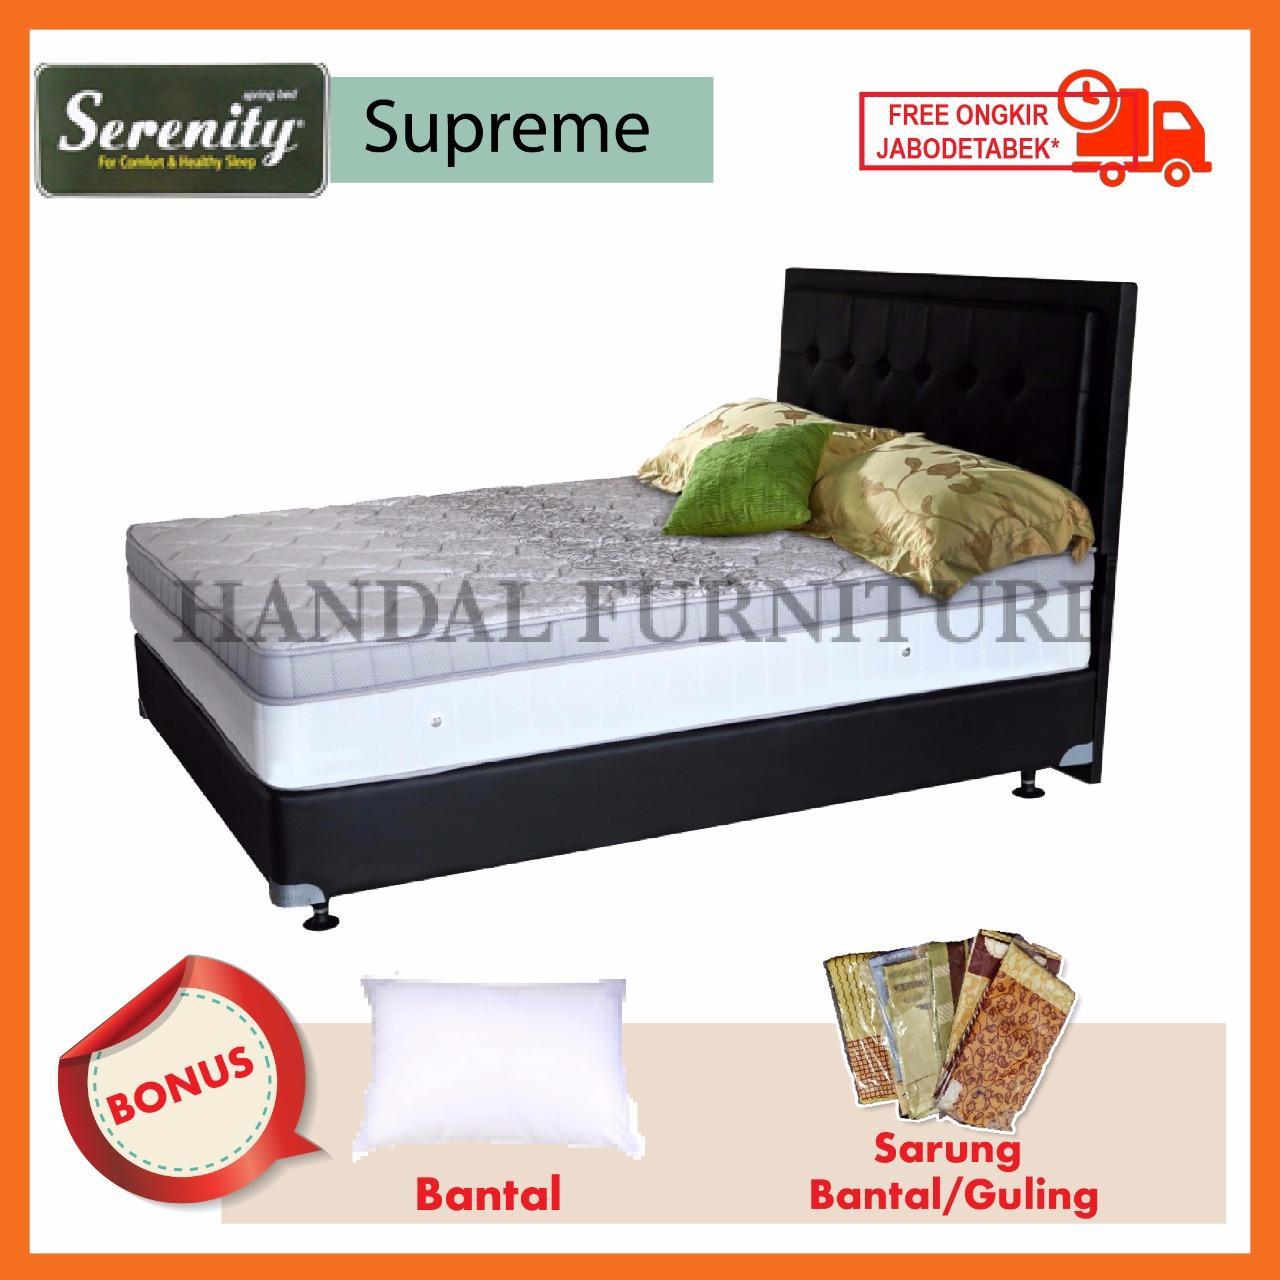 Serenity Set Kasur Spring Bed Supreme 200x200